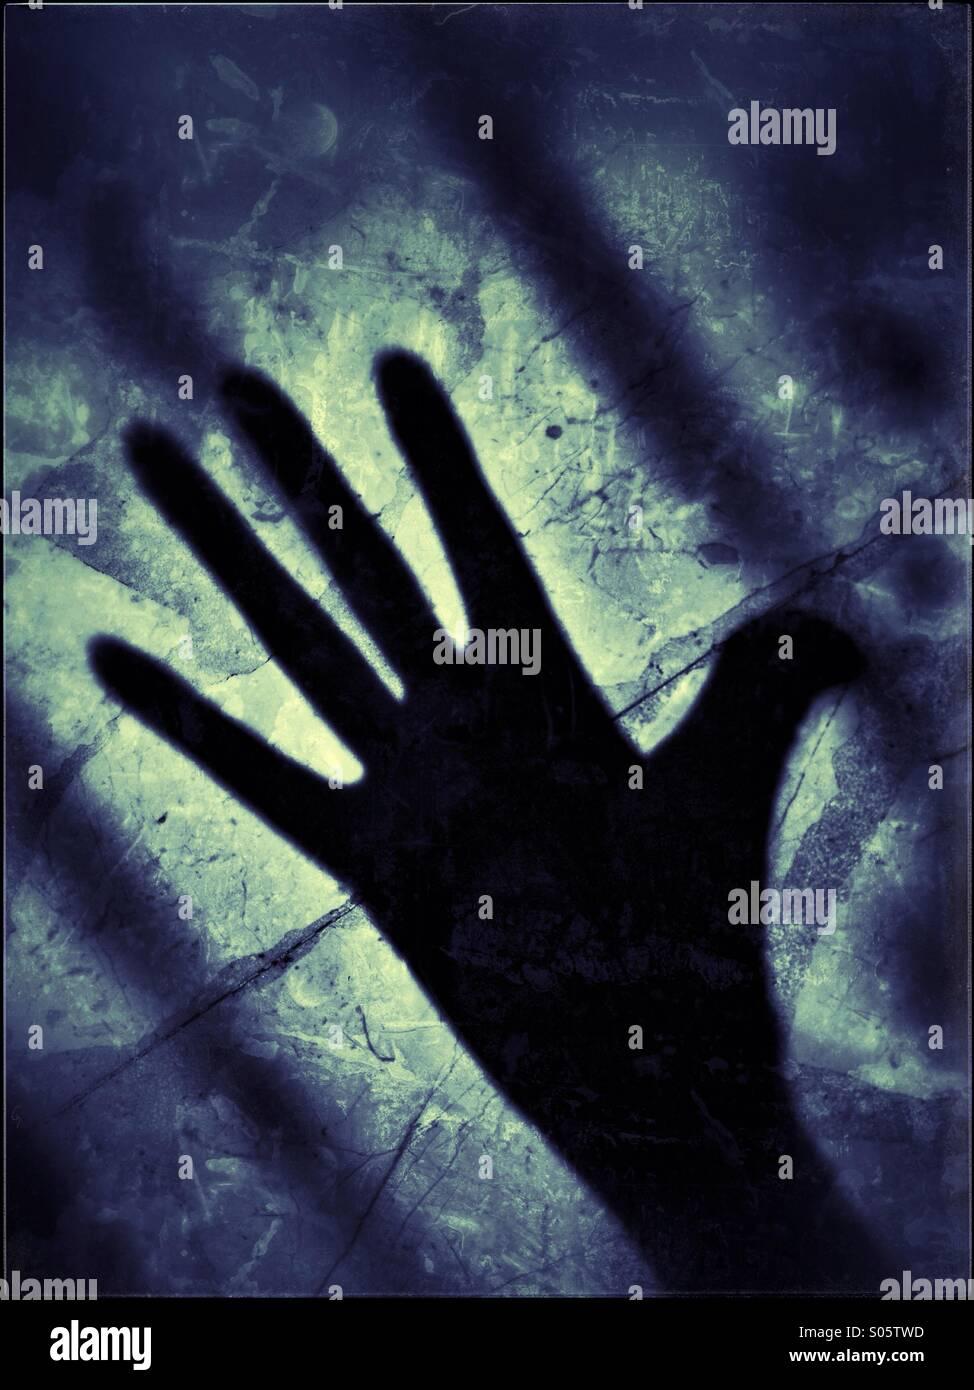 Längliche Schatten einer Hand. Stockbild